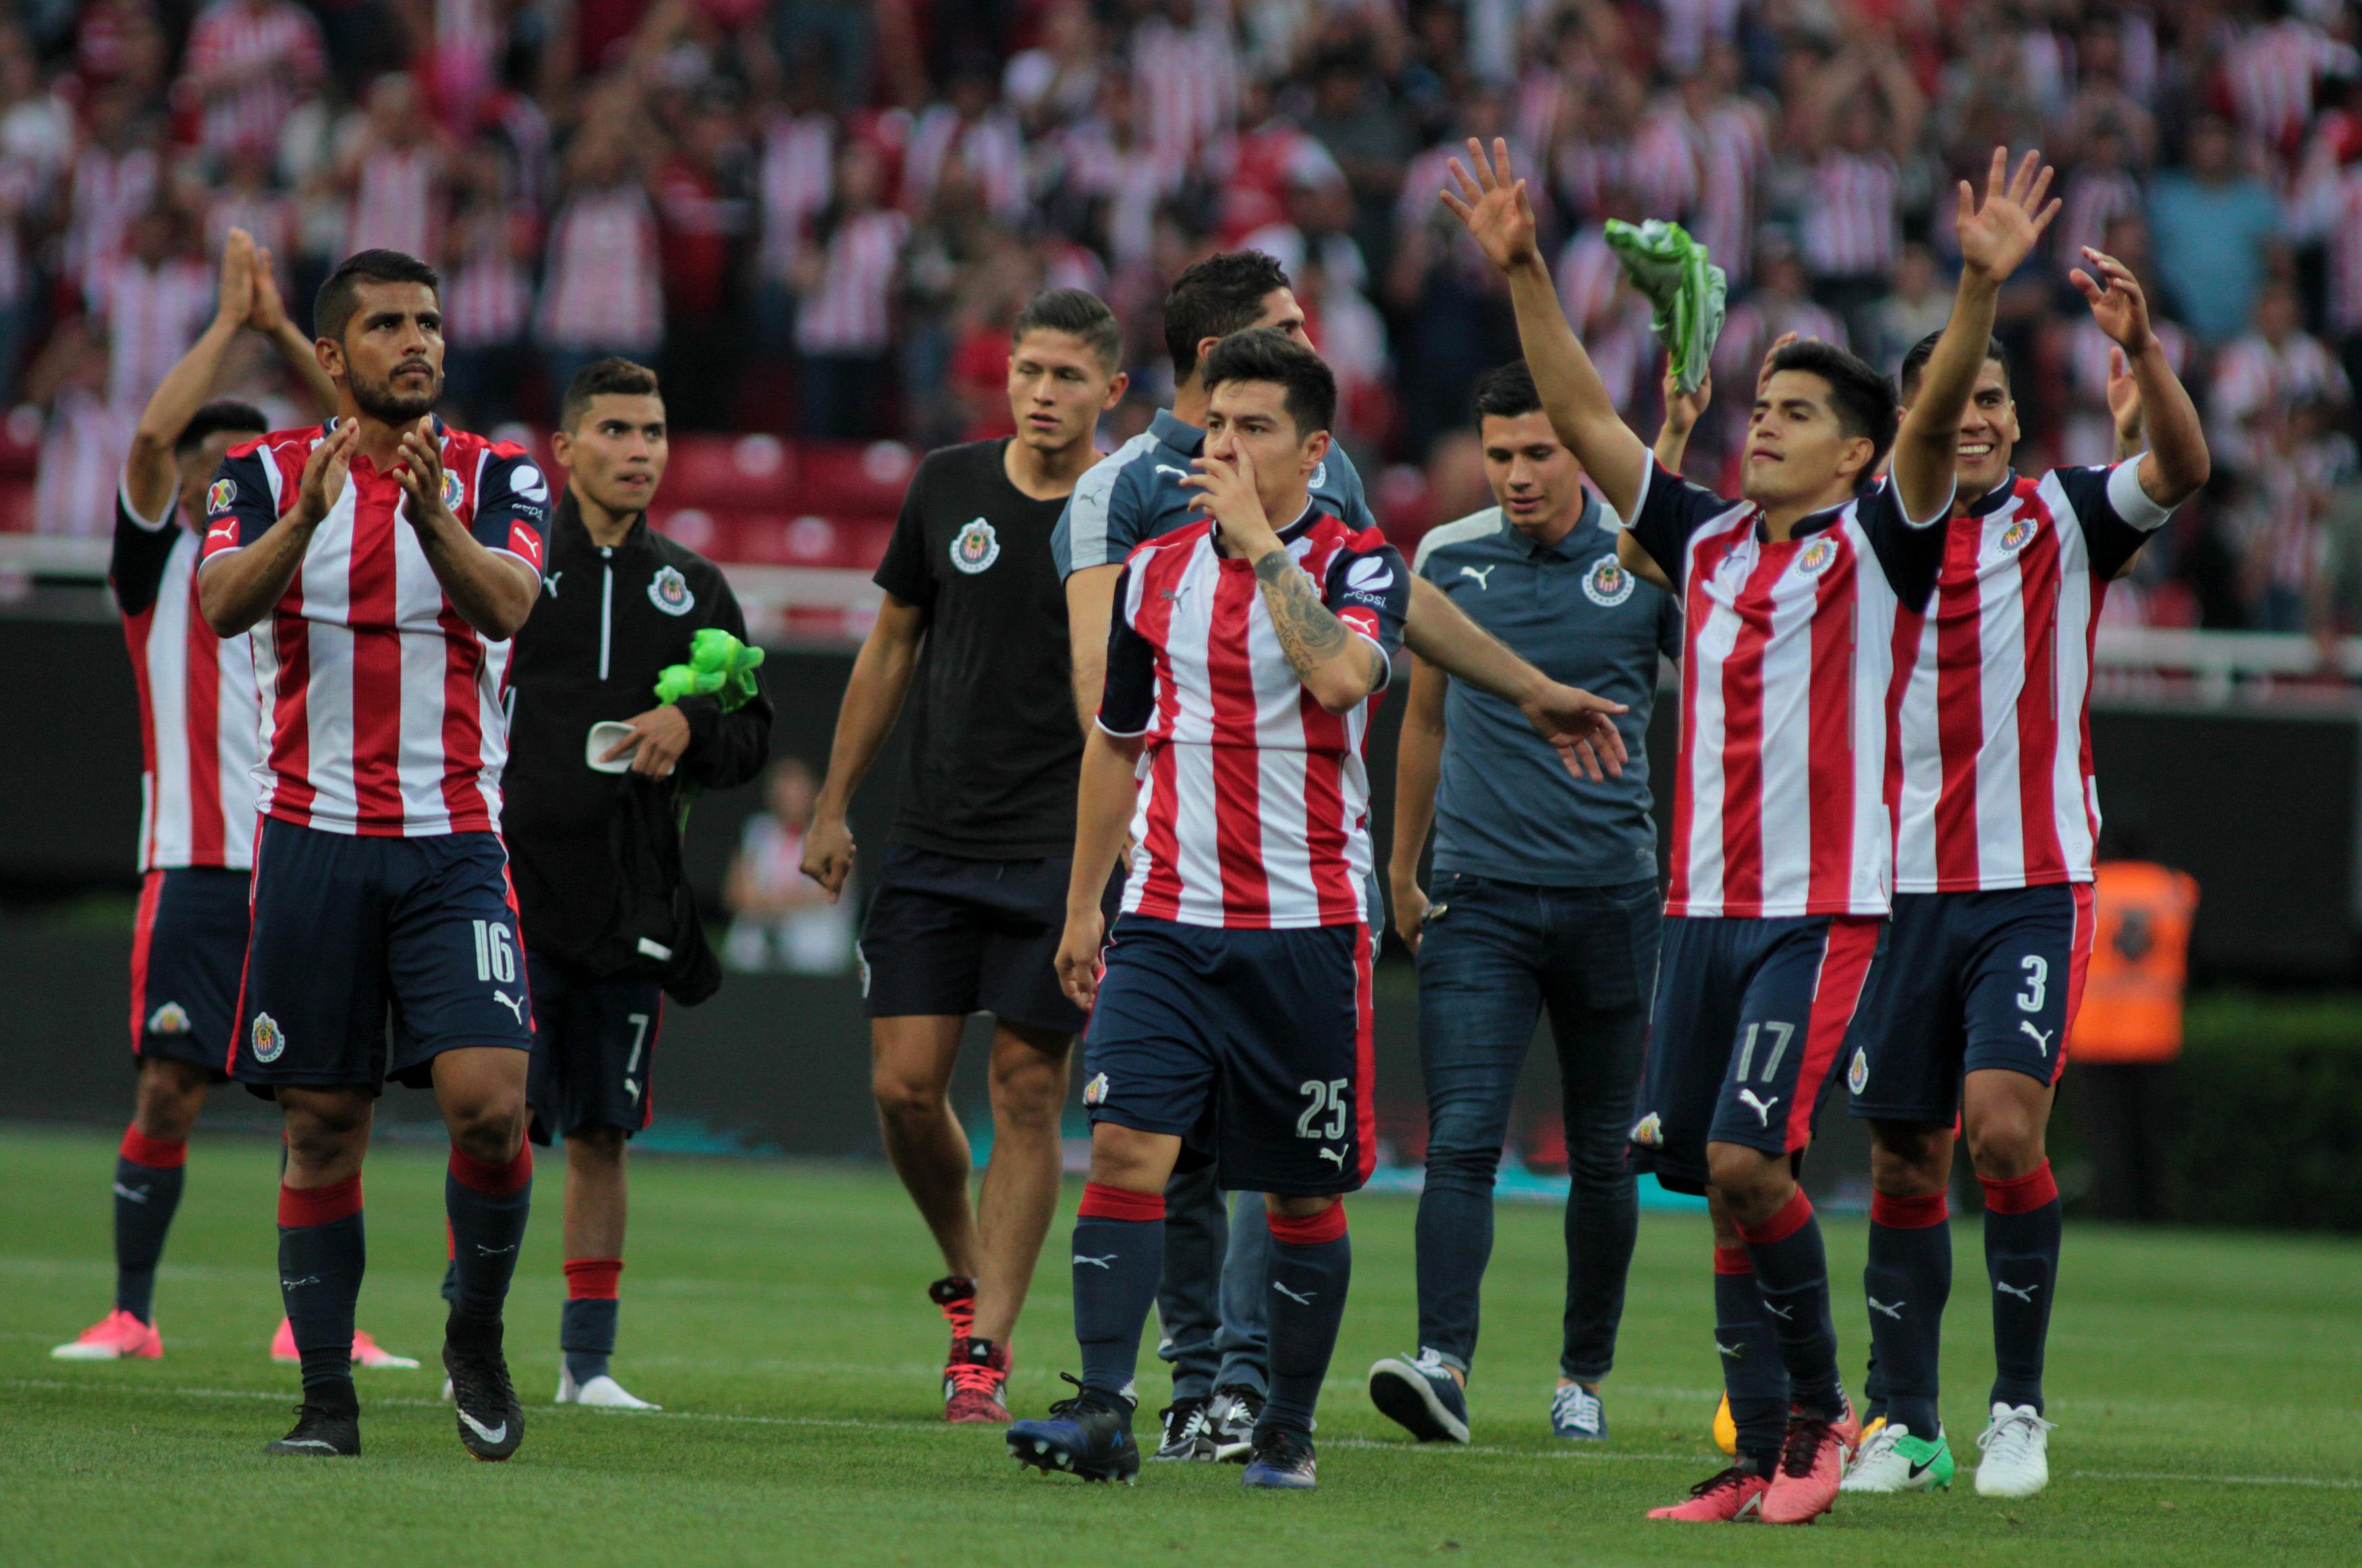 Definen horarios para las semifinales del Clausura 2017 — Liga MX